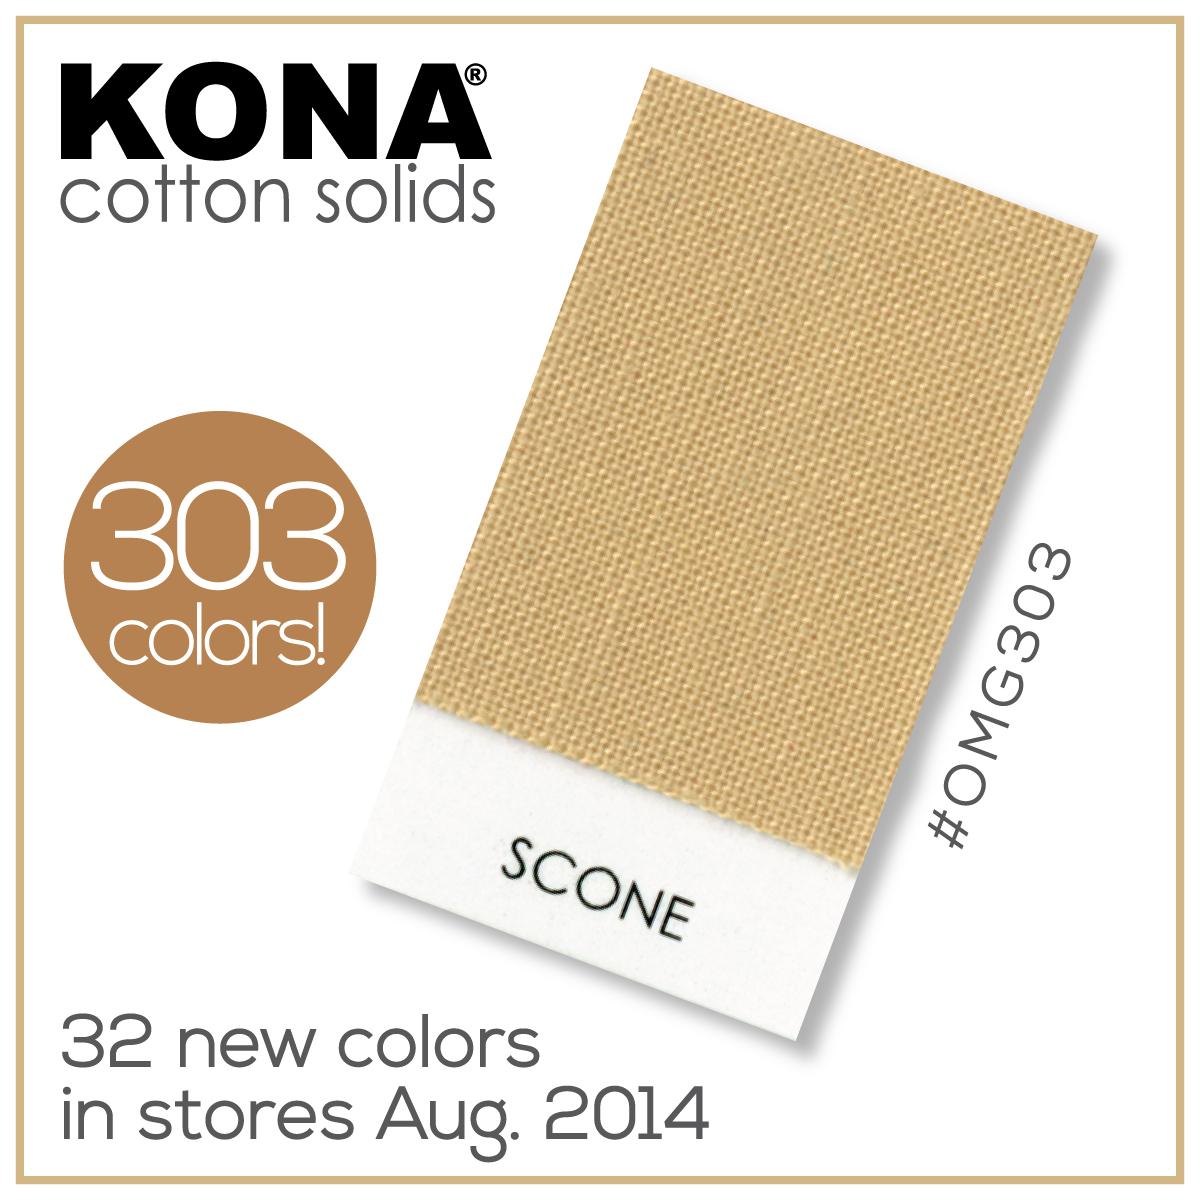 POSTED - Kona-Scone.jpg